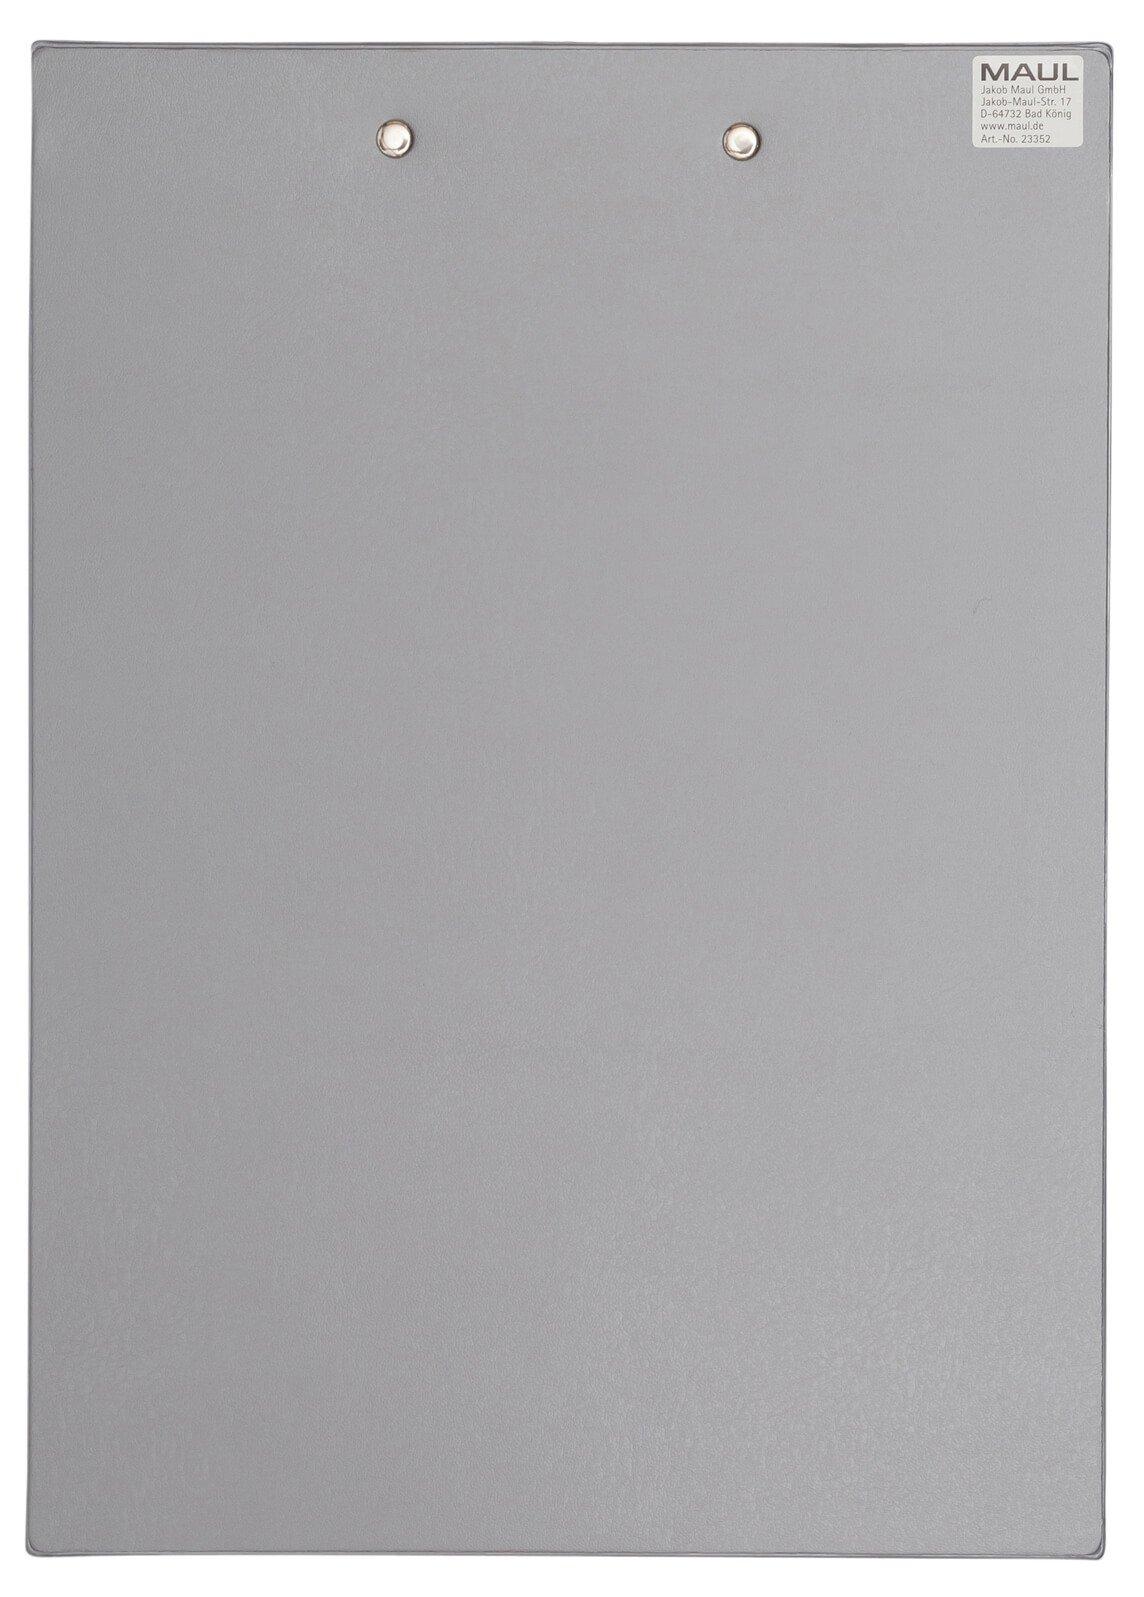 A4 Schreibplatte mit Folien- überzug, silber